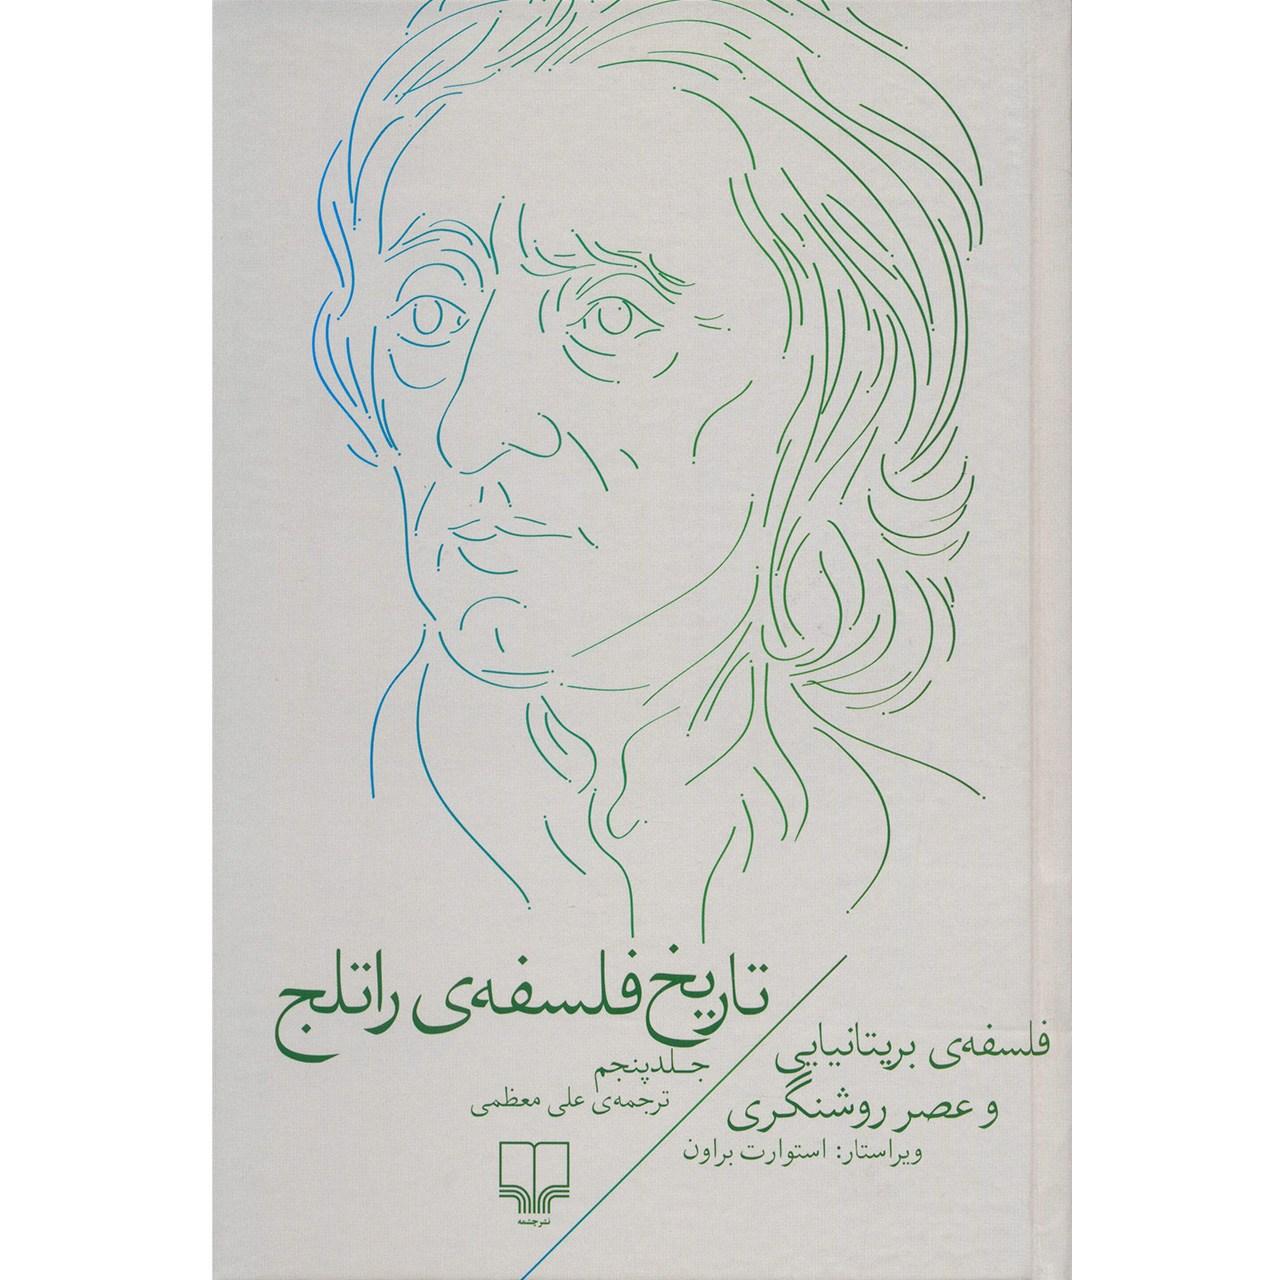 خرید                      کتاب تاریخ فلسفه ی راتلج اثر استوارت براون - جلد پنجم